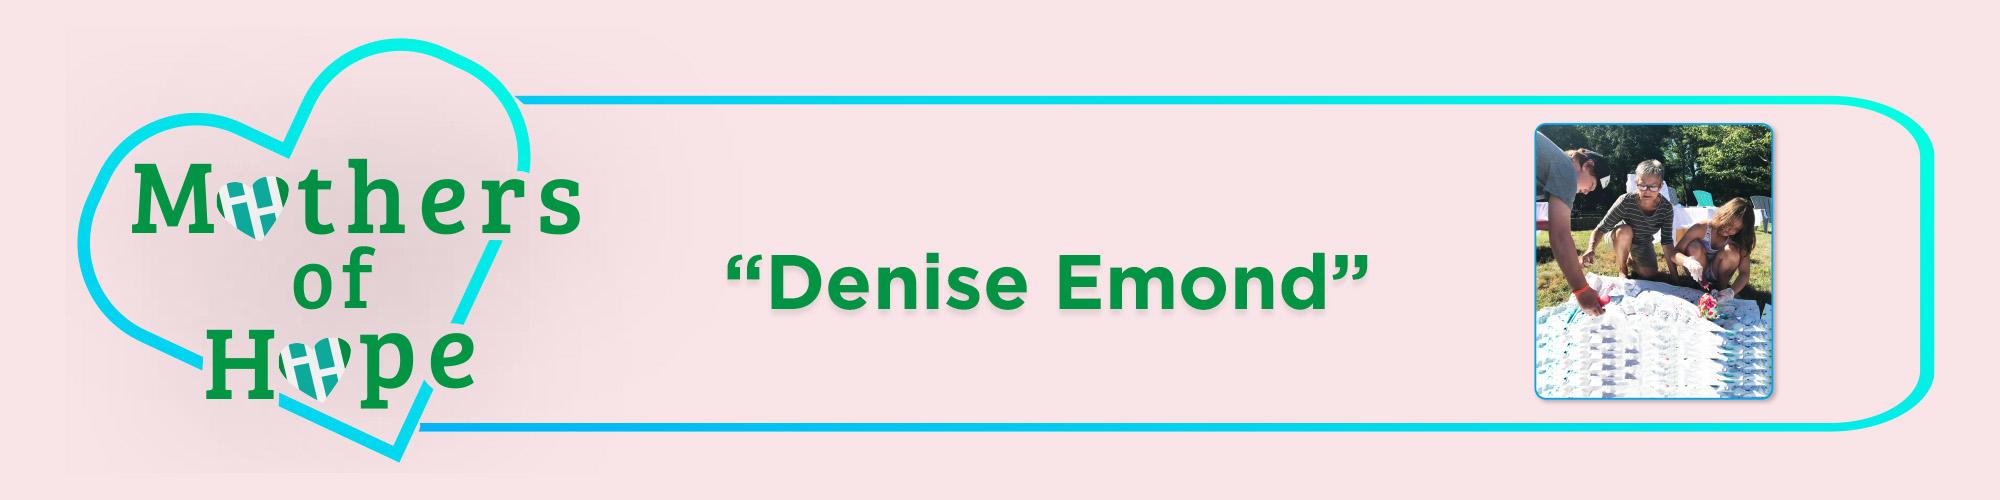 Denise-Emond